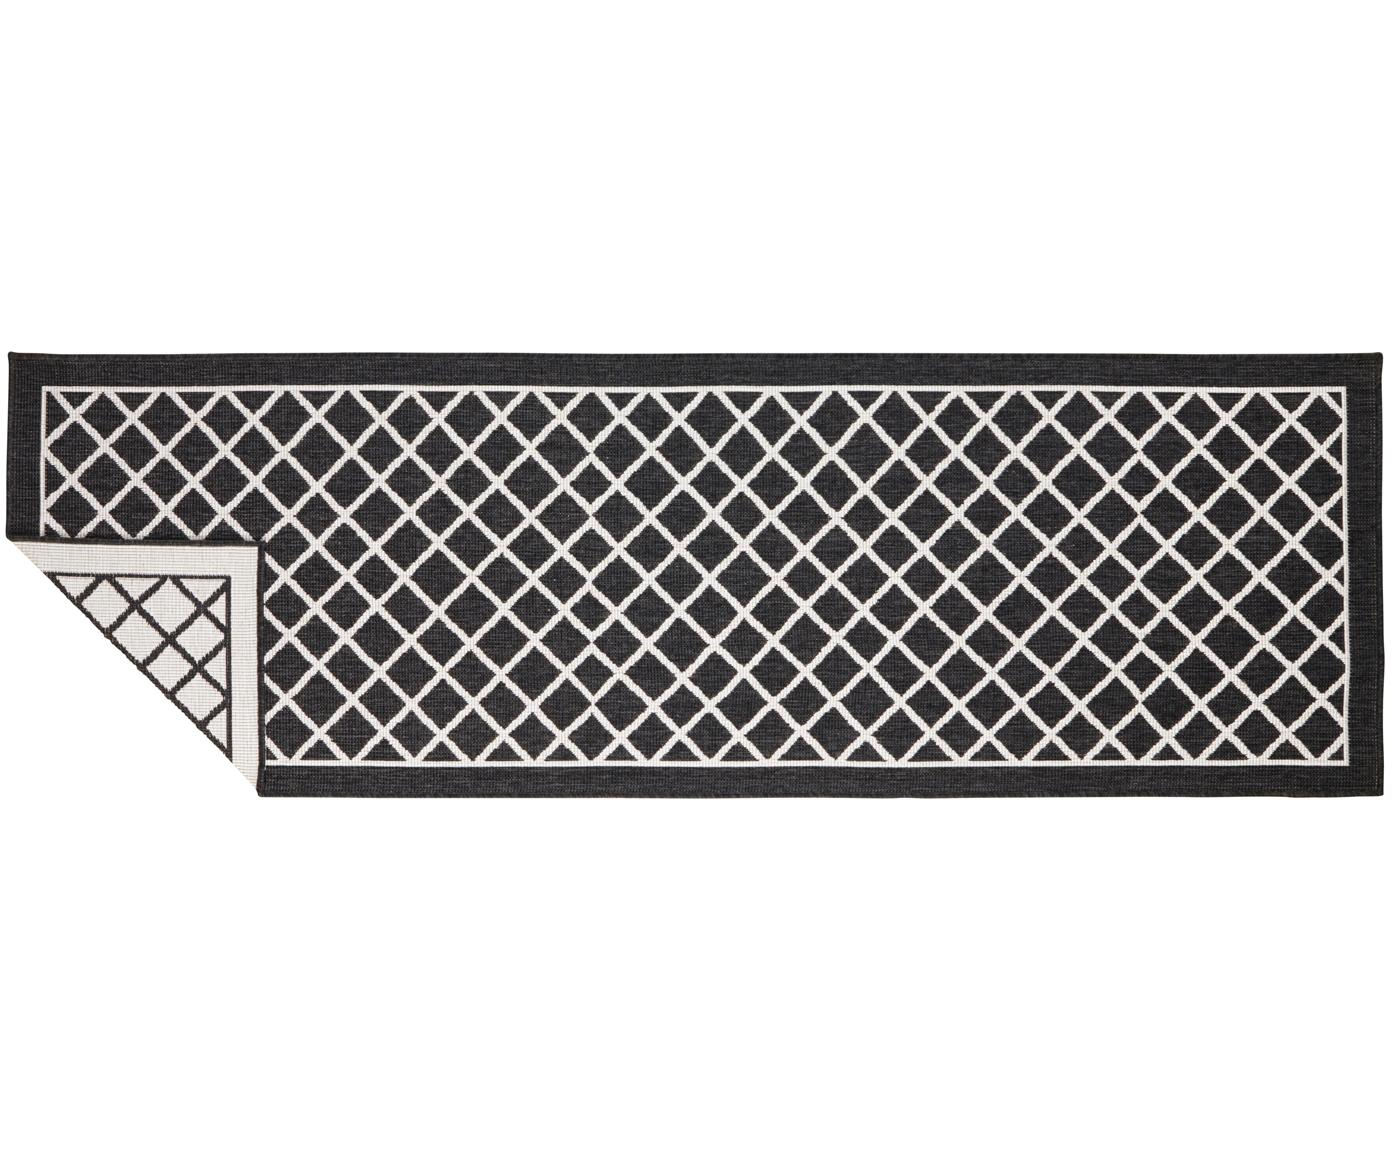 Alfombra de interior y exterior Sydney, caras distintas, Negro, crema, An 80 x L 250 cm